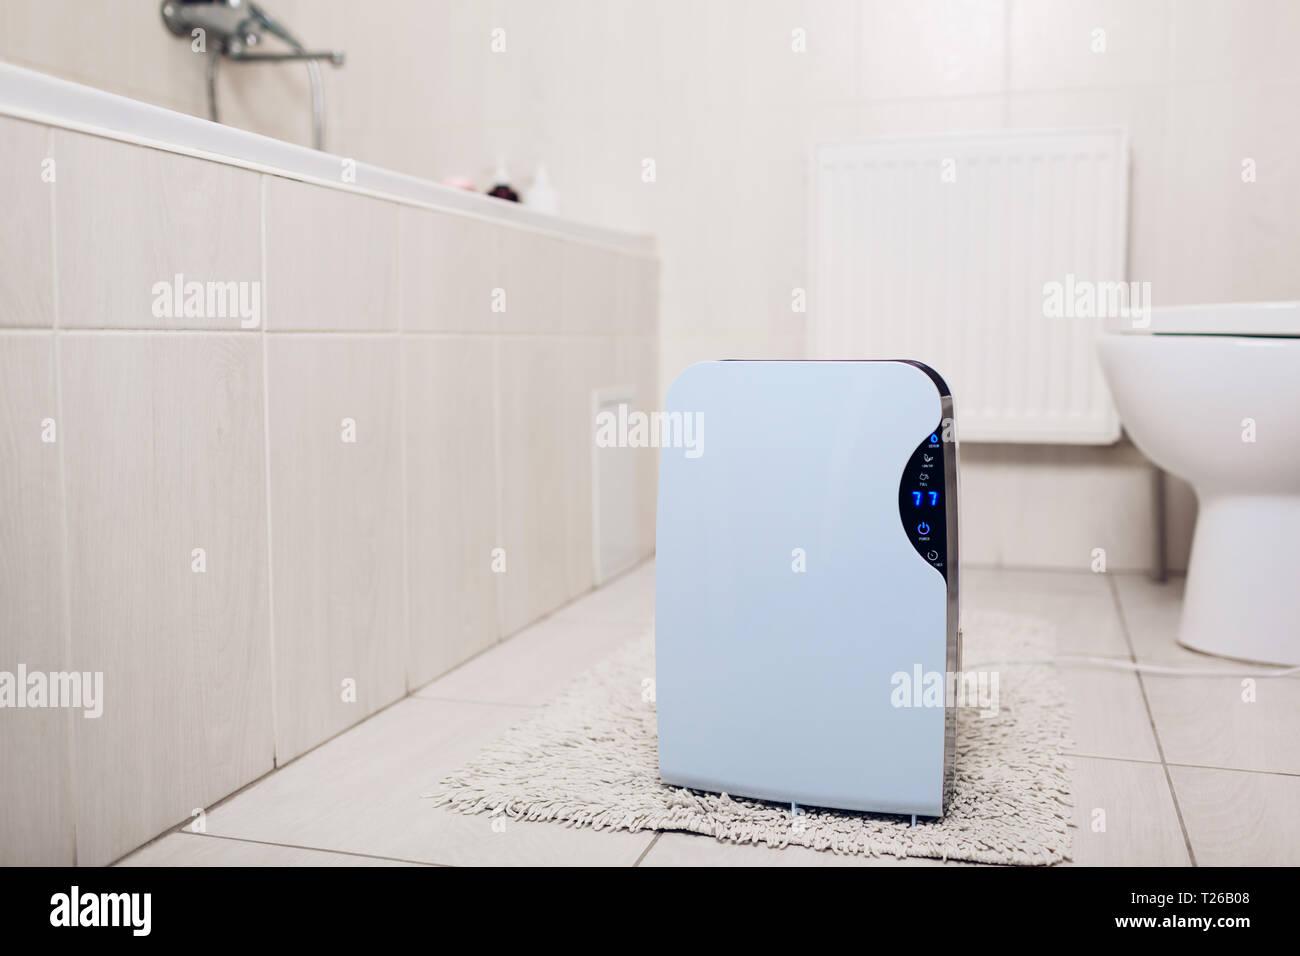 Luftentfeuchter mit Touch Panel, Feuchtigkeit, UV-Lampe